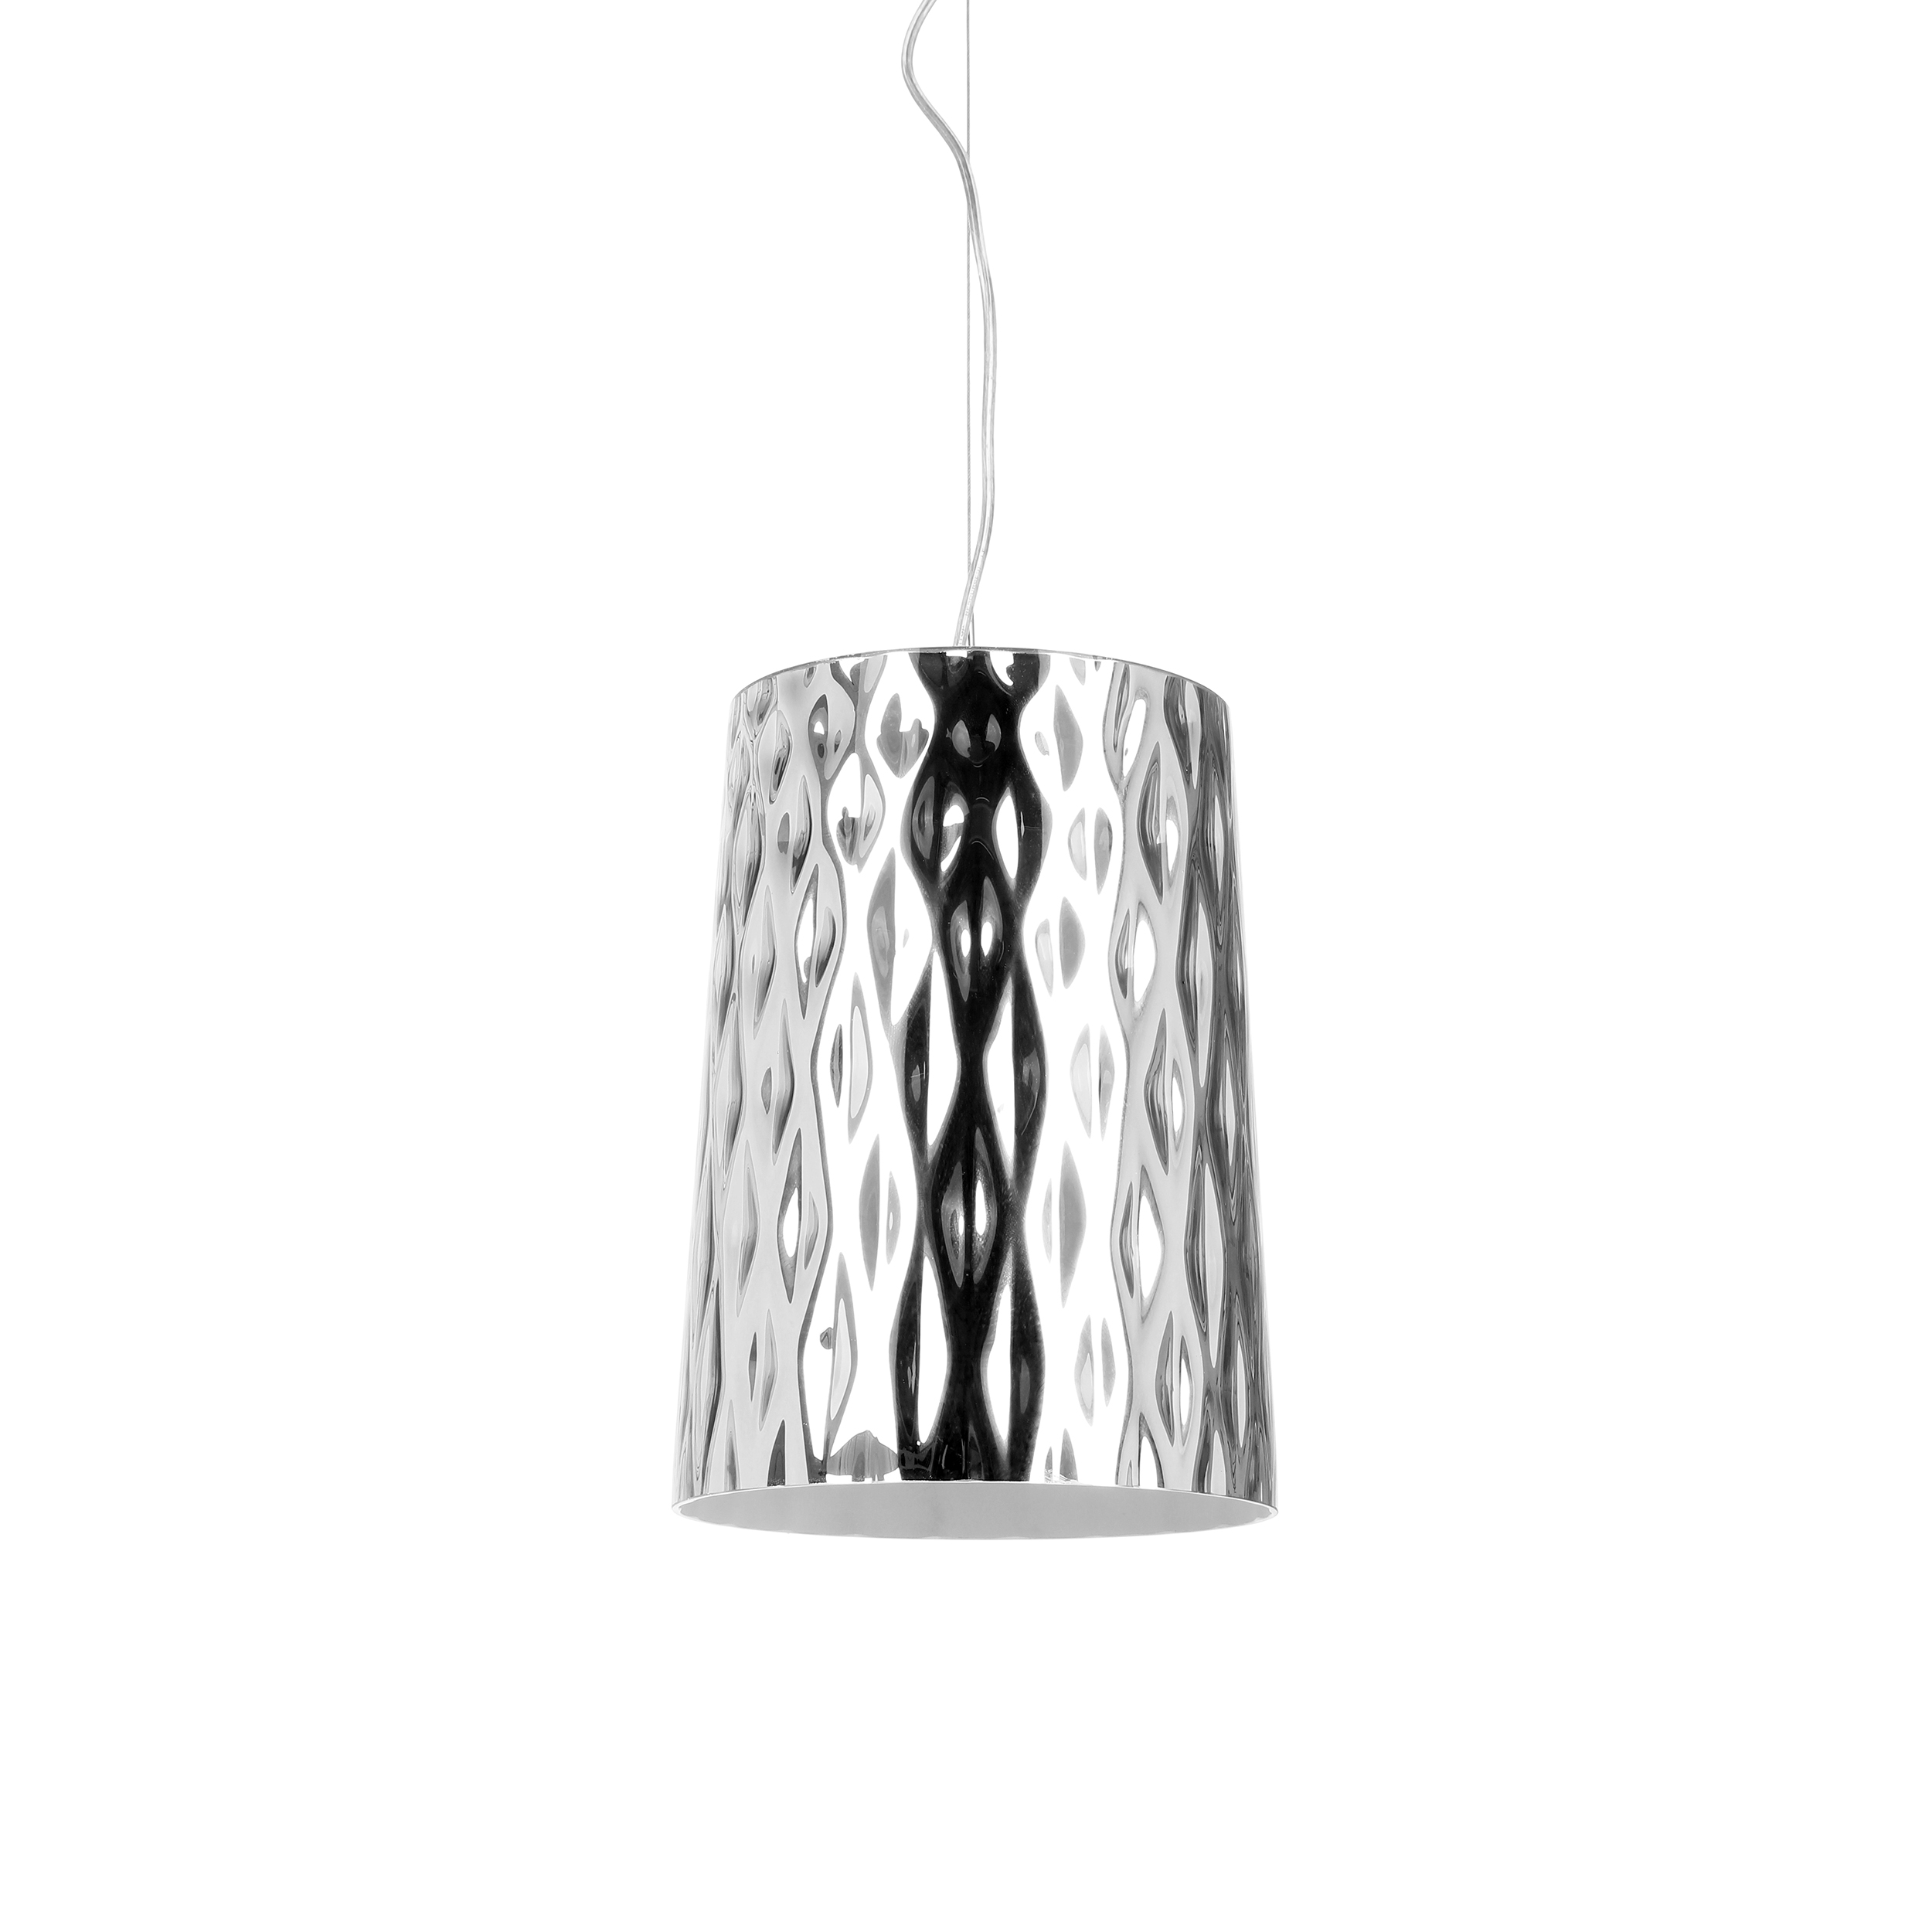 Подвесной светильник StampingПодвесные<br>Подвесной светильник Stamping - это интересное дизайнерское решение для помещений, обустроенных в стиле минимализма и хай-тек. Эпоха высоких технологий требует стильного соответствия, а лампа полностью ему отвечает. Минимализм прослеживается в аккуратных линиях, серебряном оттенке покрытия. <br><br><br> Stamping - это источник качественного освещения,который дает яркий и очень ровный свет. Он непременно надежнен и прочнен. Рекомендован к использованию в кухне, офисе, спальне. Такой светильник бу...<br><br>stock: 0<br>Высота: 120<br>Диаметр: 22<br>Количество ламп: 1<br>Материал абажура: Стекло<br>Материал арматуры: Металл<br>Ламп в комплекте: Нет<br>Напряжение: 220<br>Тип лампы/цоколь: E27<br>Цвет абажура: Серебряный